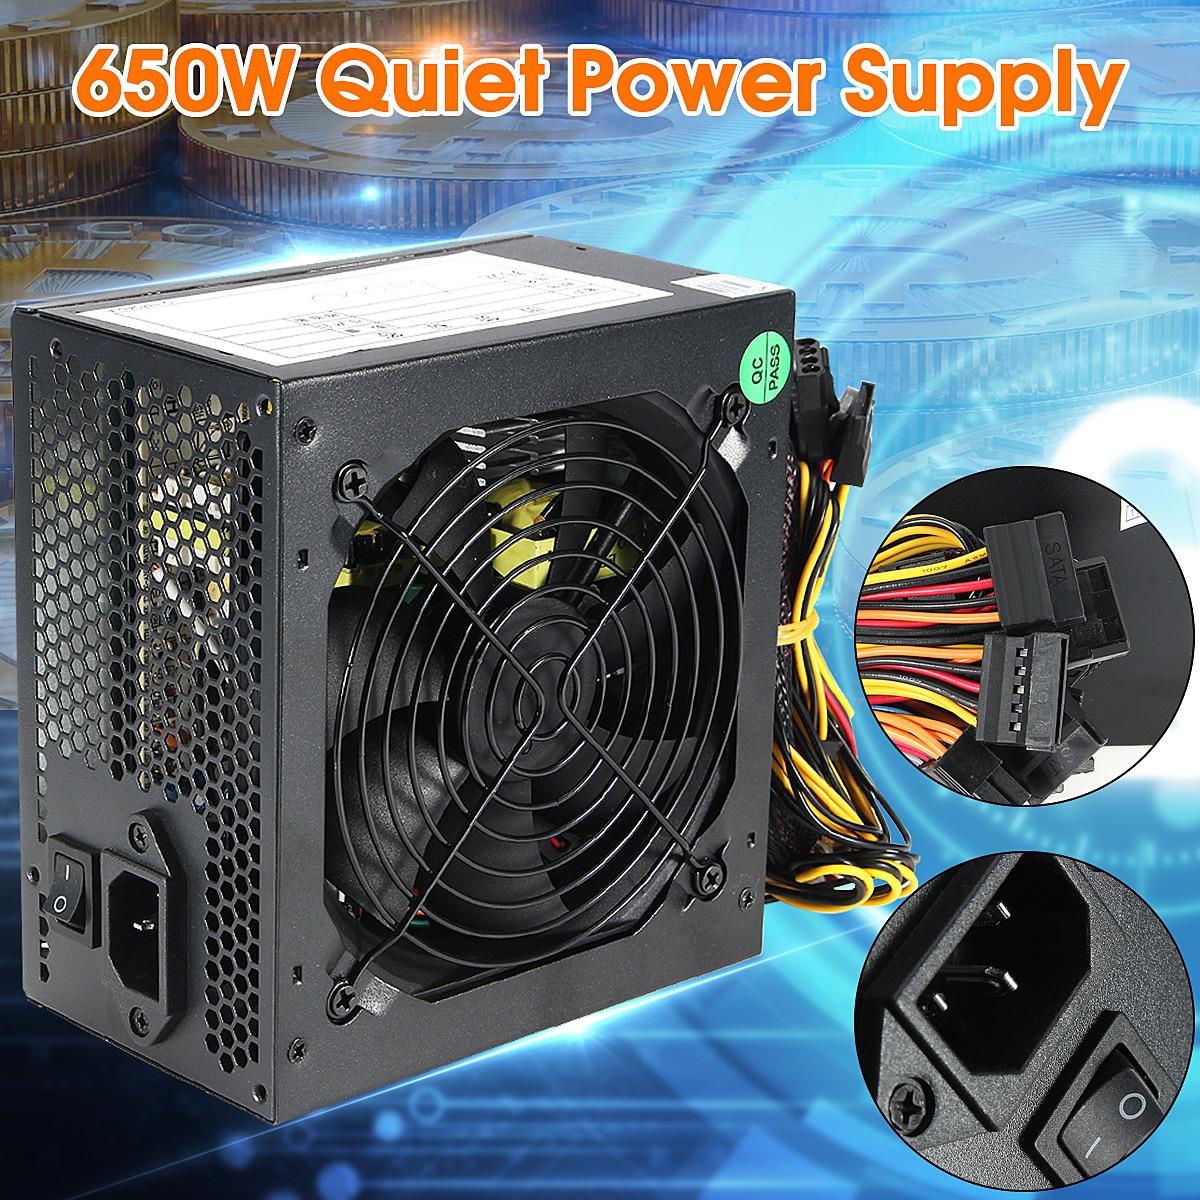 600W silencieux 120mm ventilateur ATX 12V 4/8 broches PC alimentation modulaire SLI illuminé ventilateur pour ordinateur de configuration haut de gamme